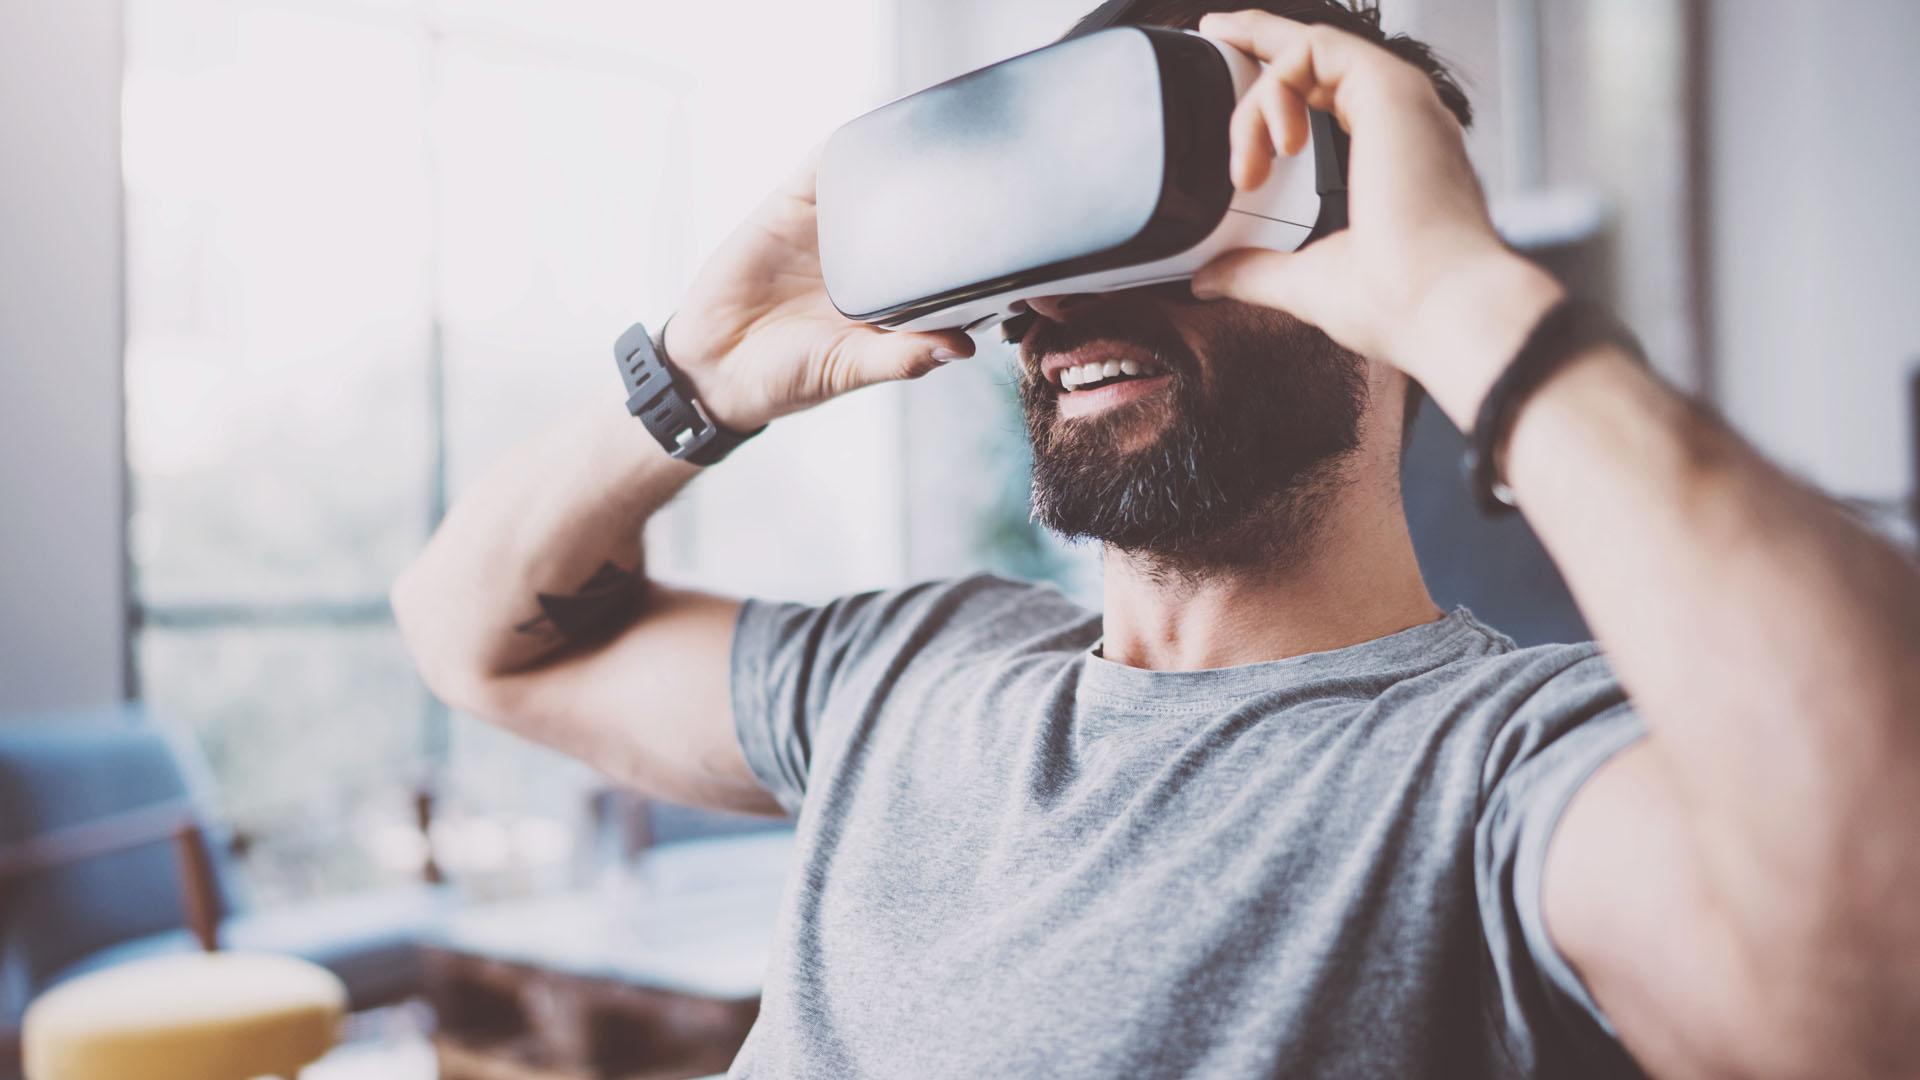 Realidade virtual: fique ligado nessa tendência